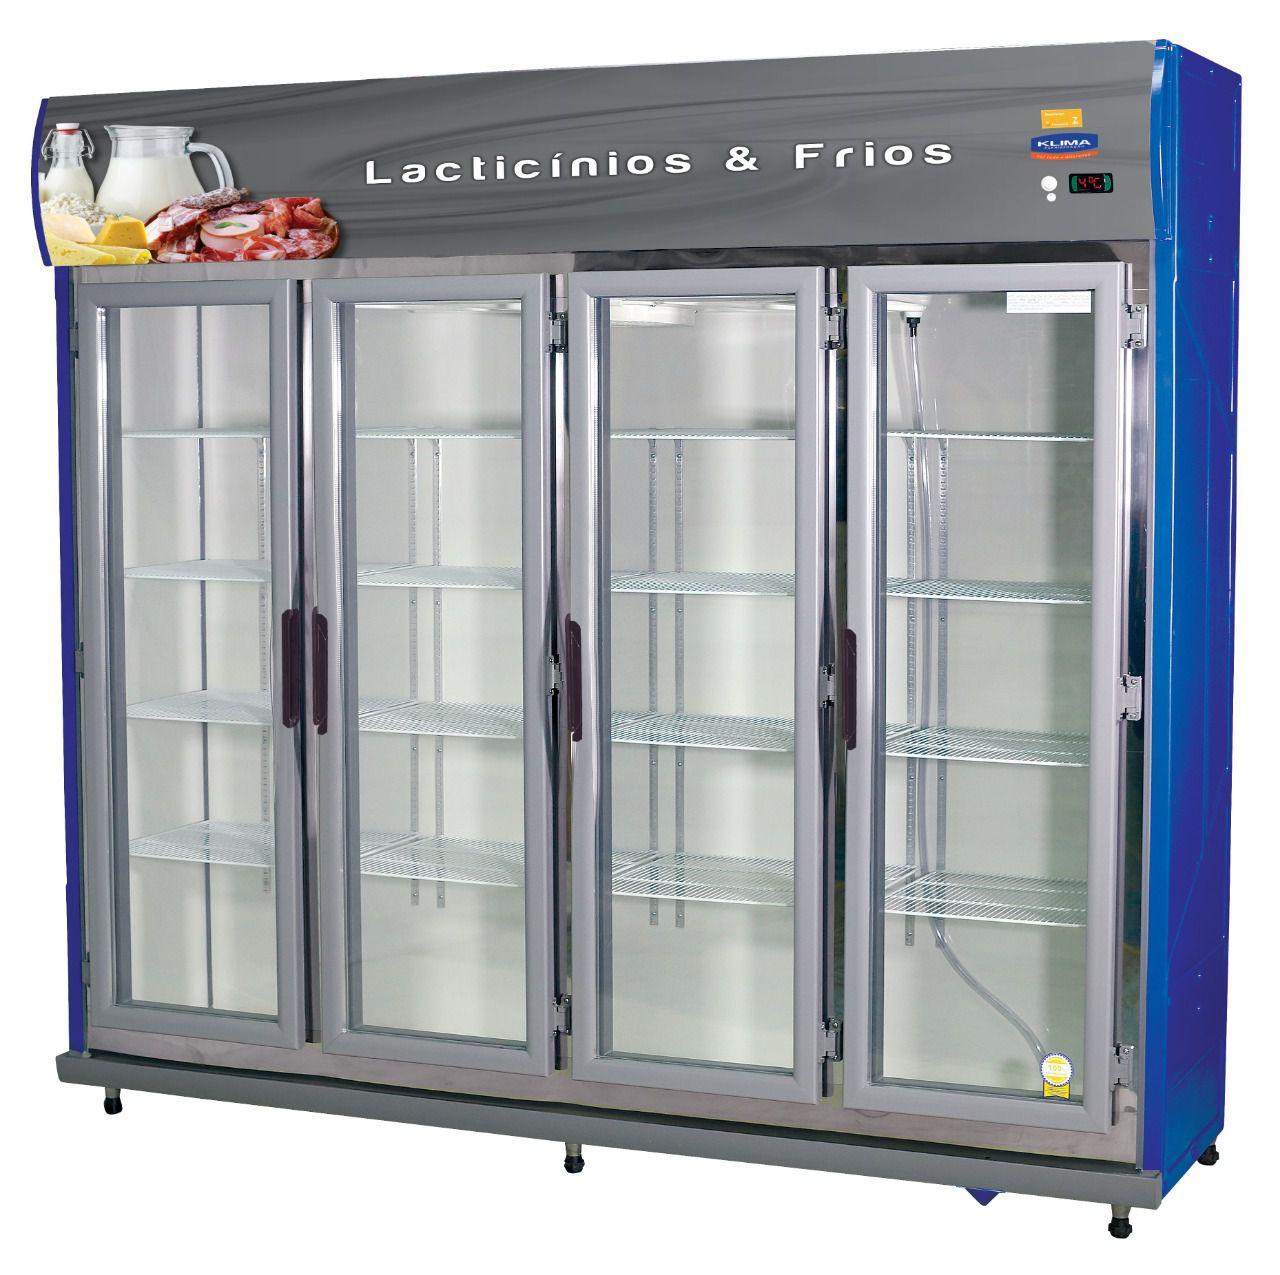 Expositor Auto Serviço 4 Portas Frios e Laticínios Pratice - Klima